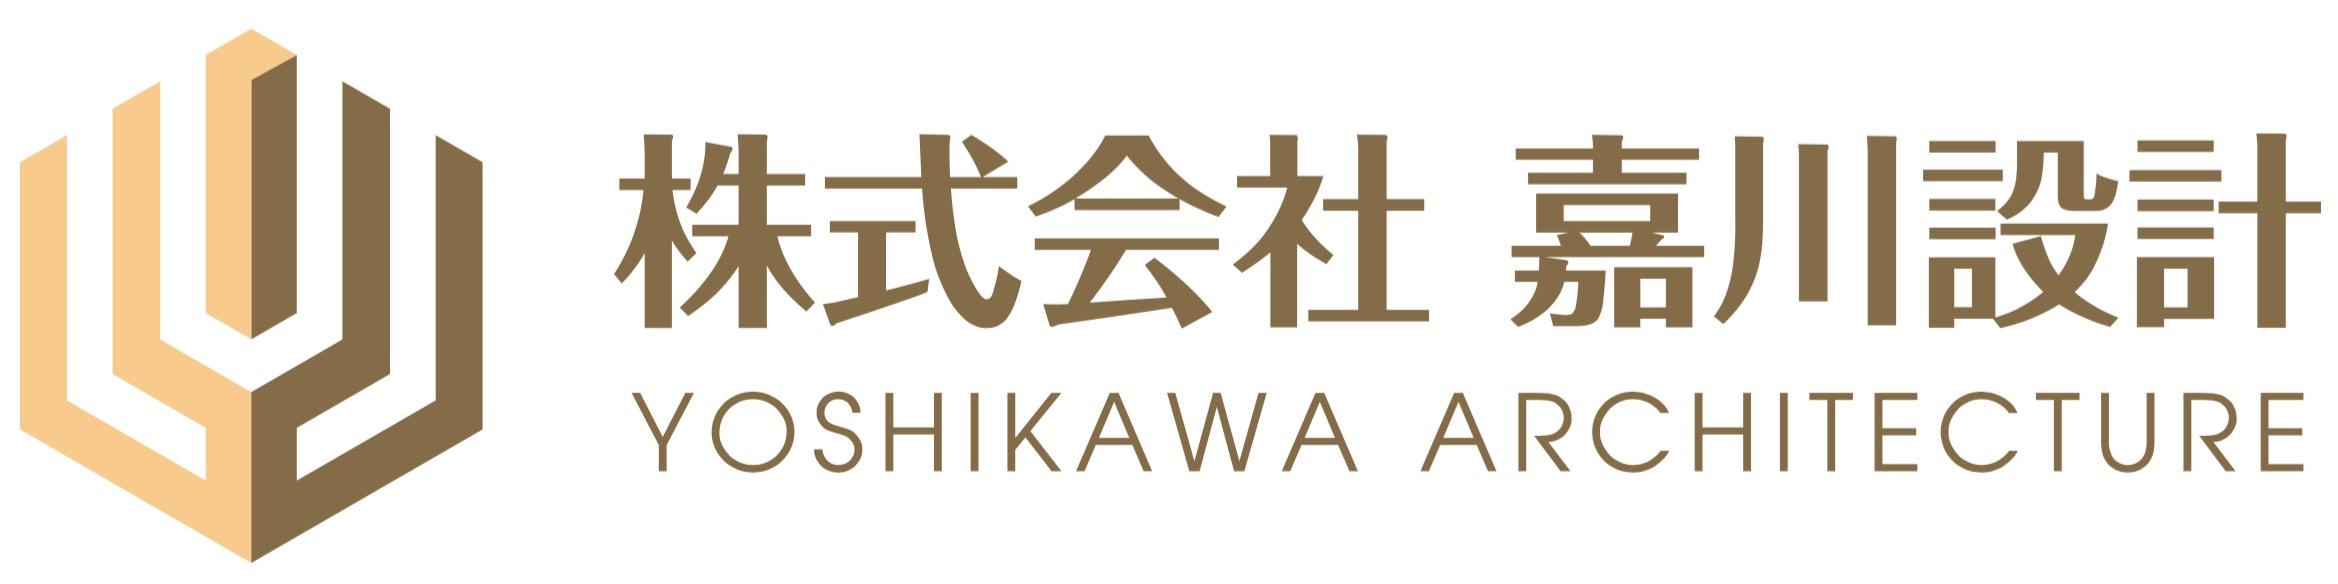 嘉川設計 ロゴ画像